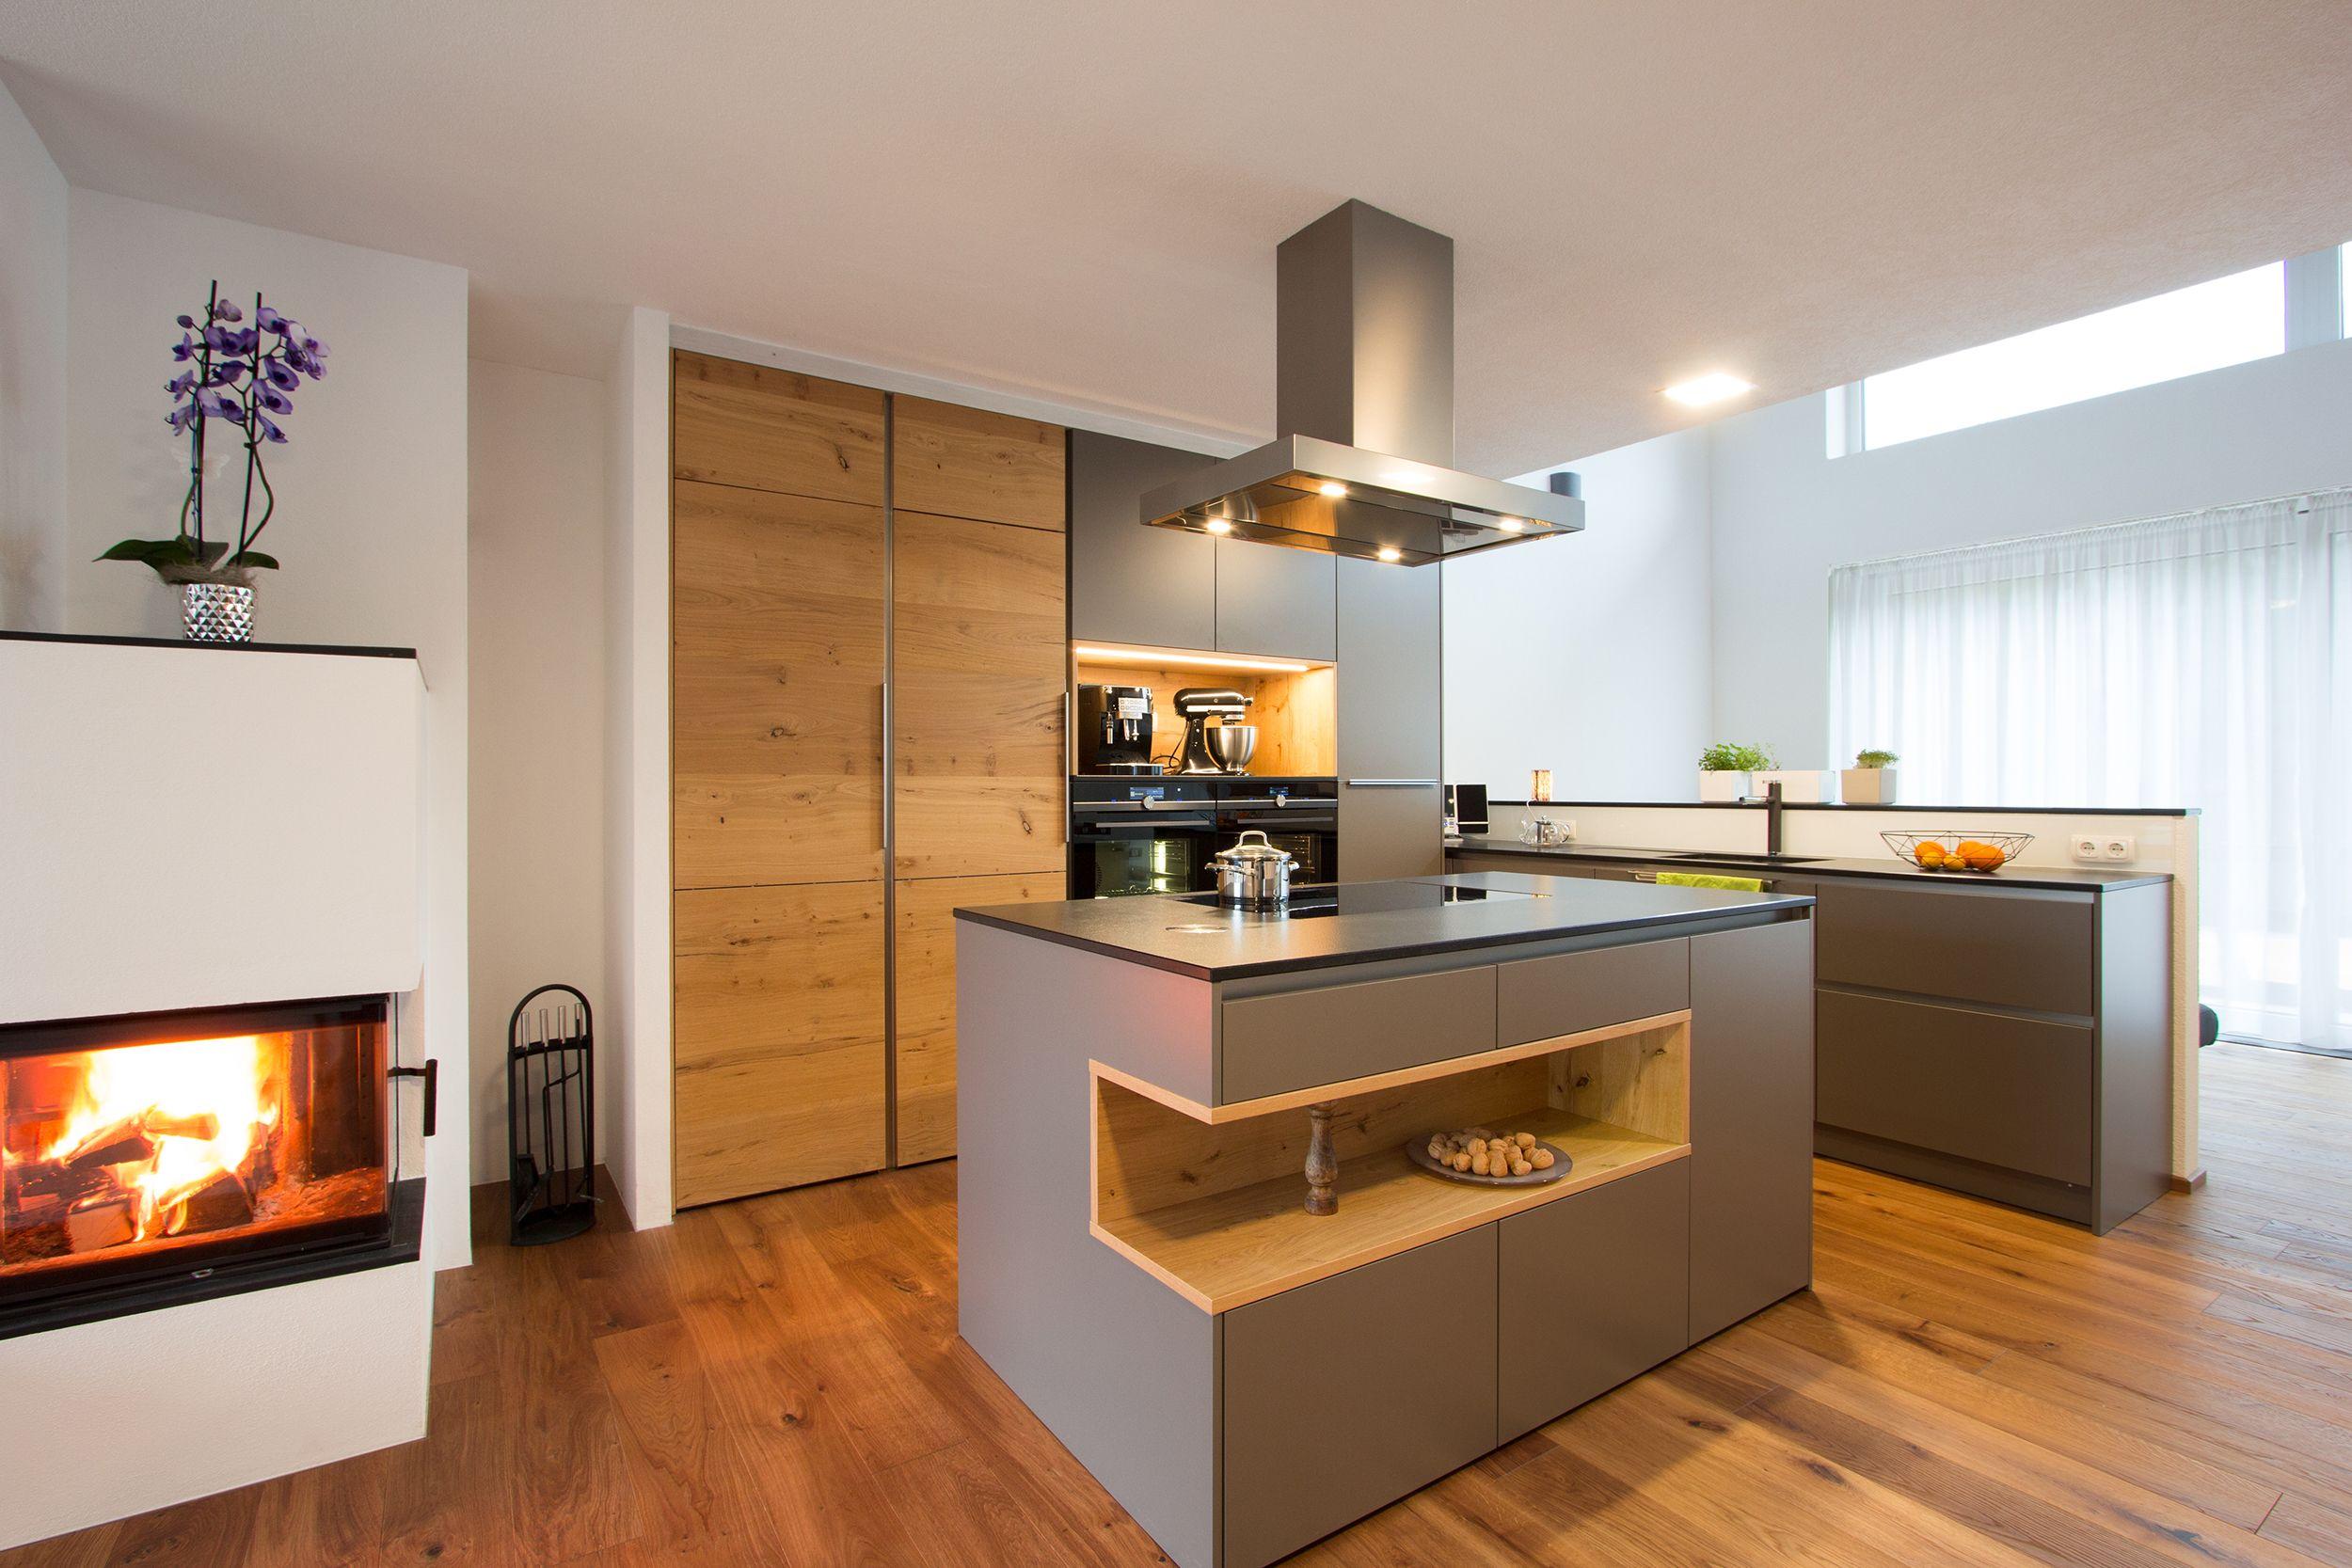 Moderne Kuche Mit Holz Moderne Kuche Ewe Kuchen Offene Kuche Und Wohnzimmer